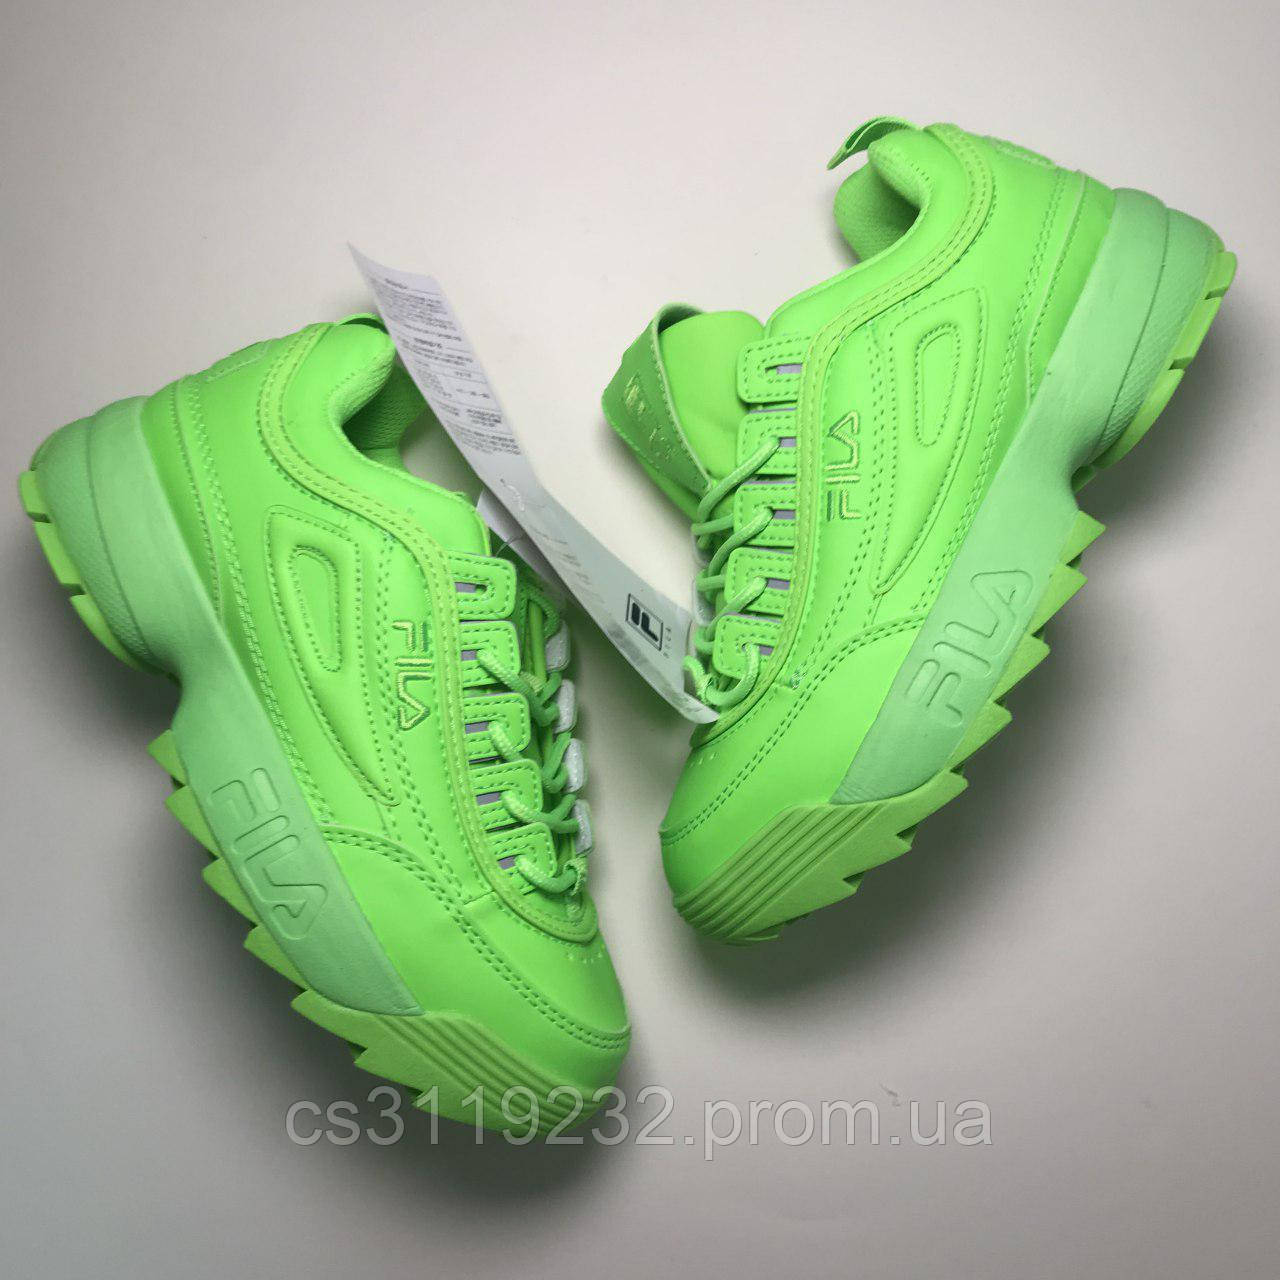 Женские кроссовки Fila Disruptor 2 Green Neon (зелёный неон)